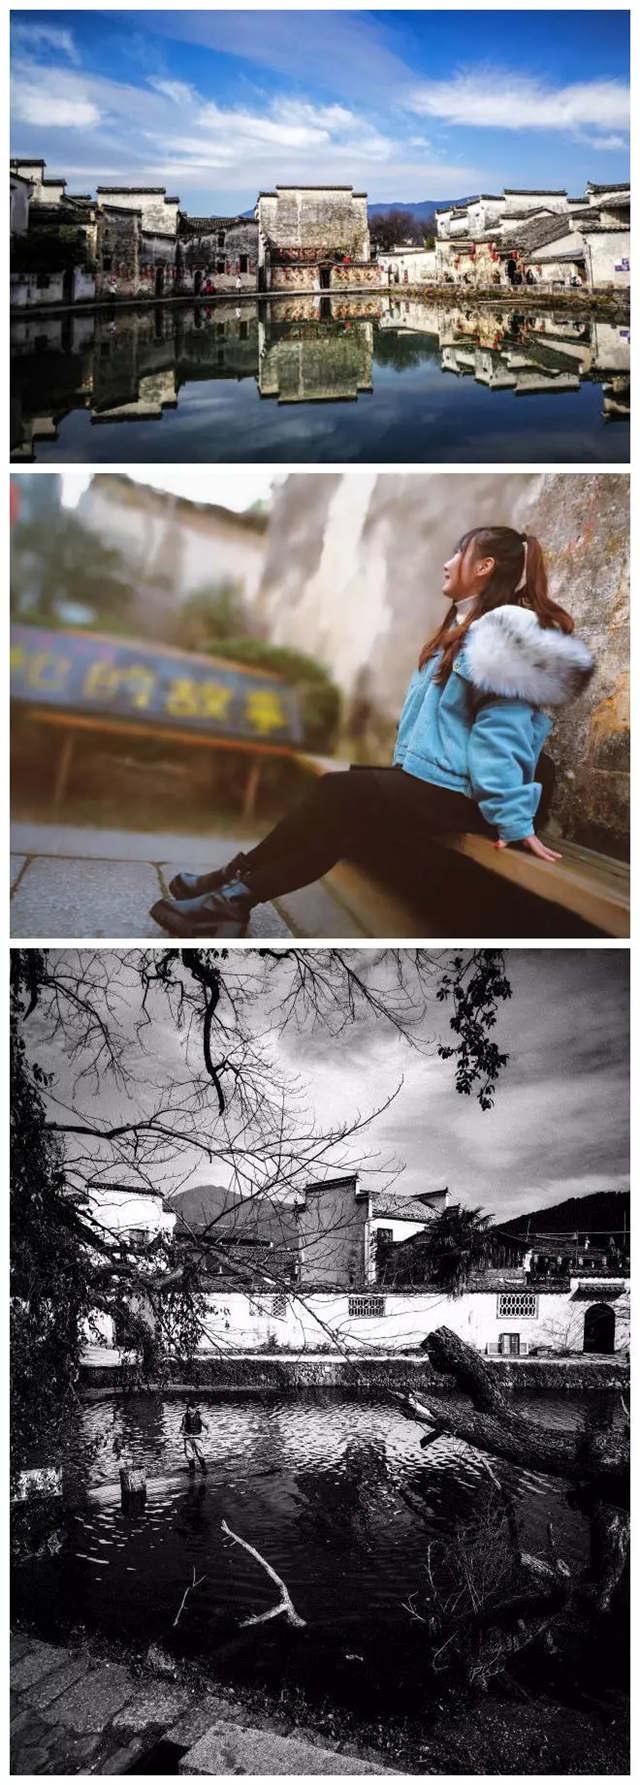 汇众教育合肥动漫游戏校区年会活动之游览徽州古镇2.jpg